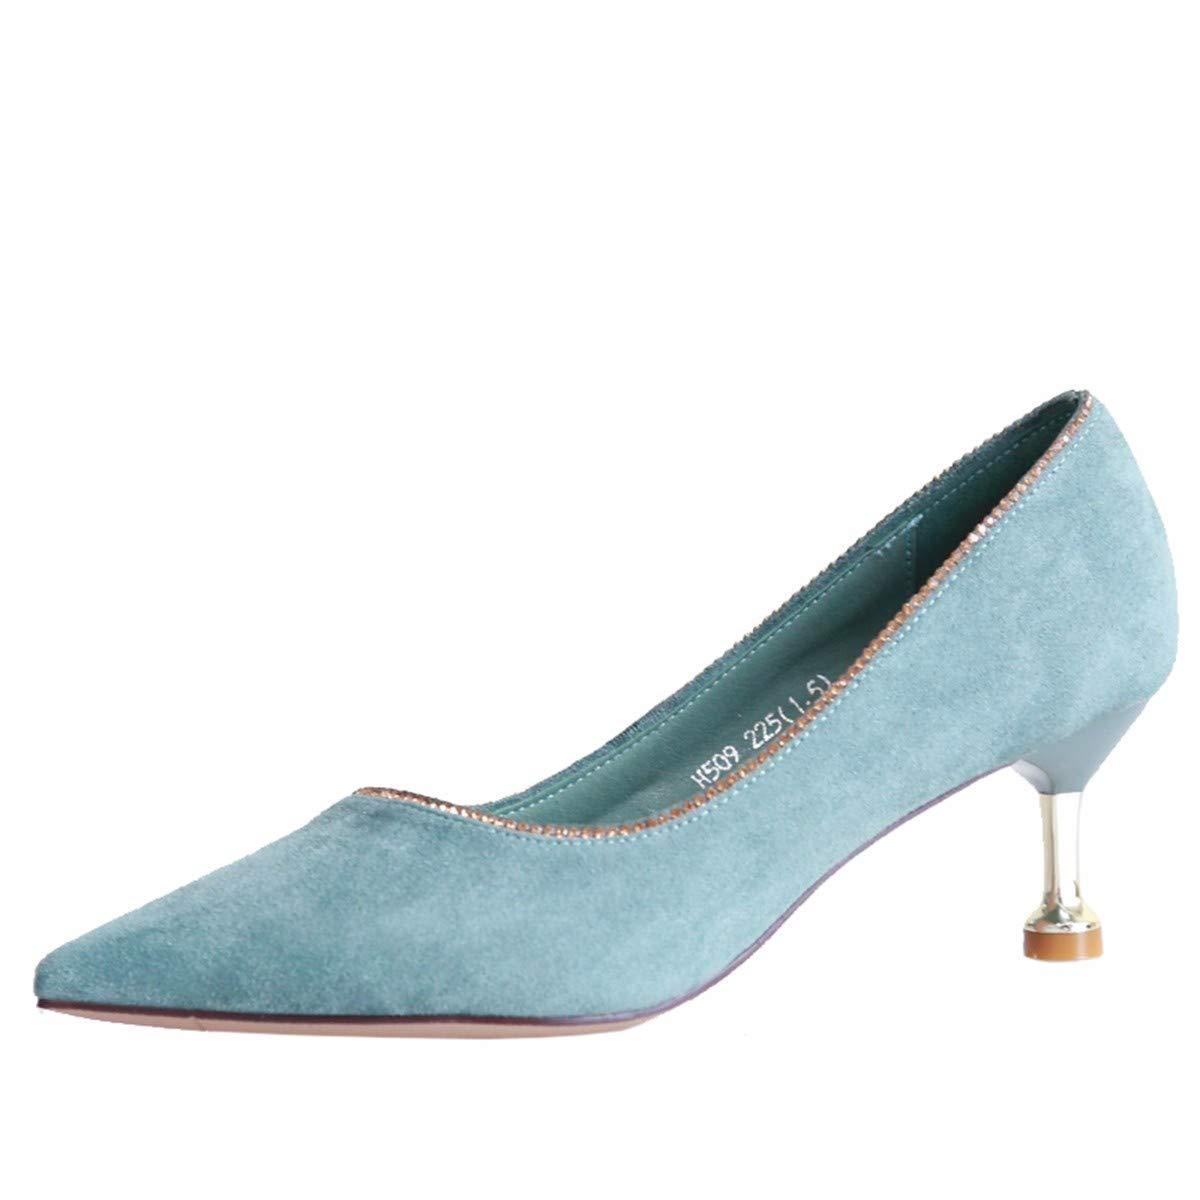 KPHY Damenschuhe/Im Herbst Mode Katzen und Pointcuts Damenschuhe Gut Mit Dem Nahen Flachen Wildleder Single-Diamant-Schuhe.36 Blaue Farbe